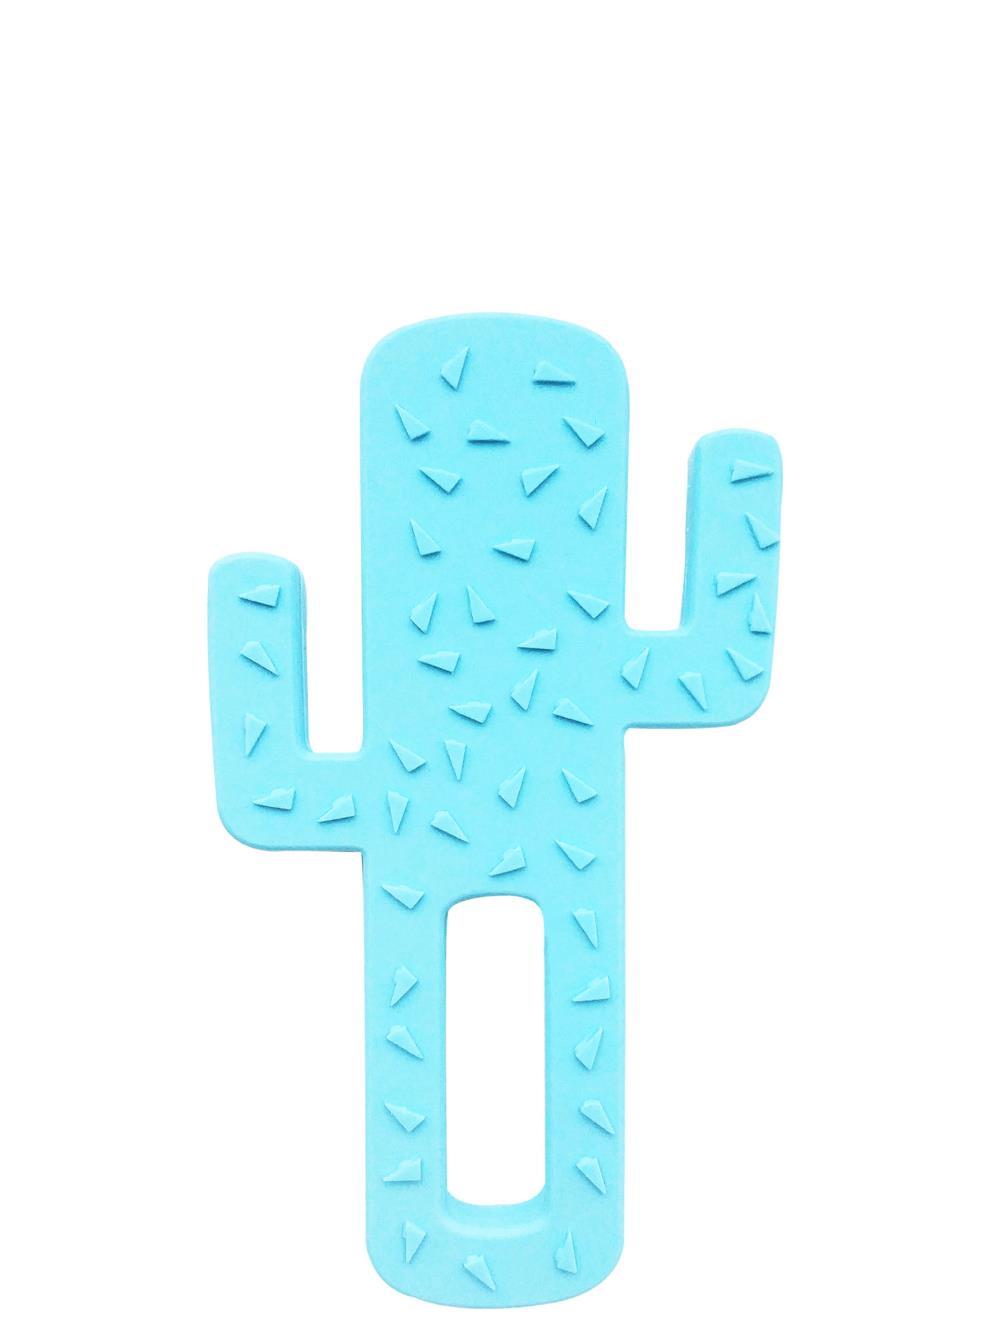 MINIKOIOI Gryzak silikonowy Kaktus niebieski